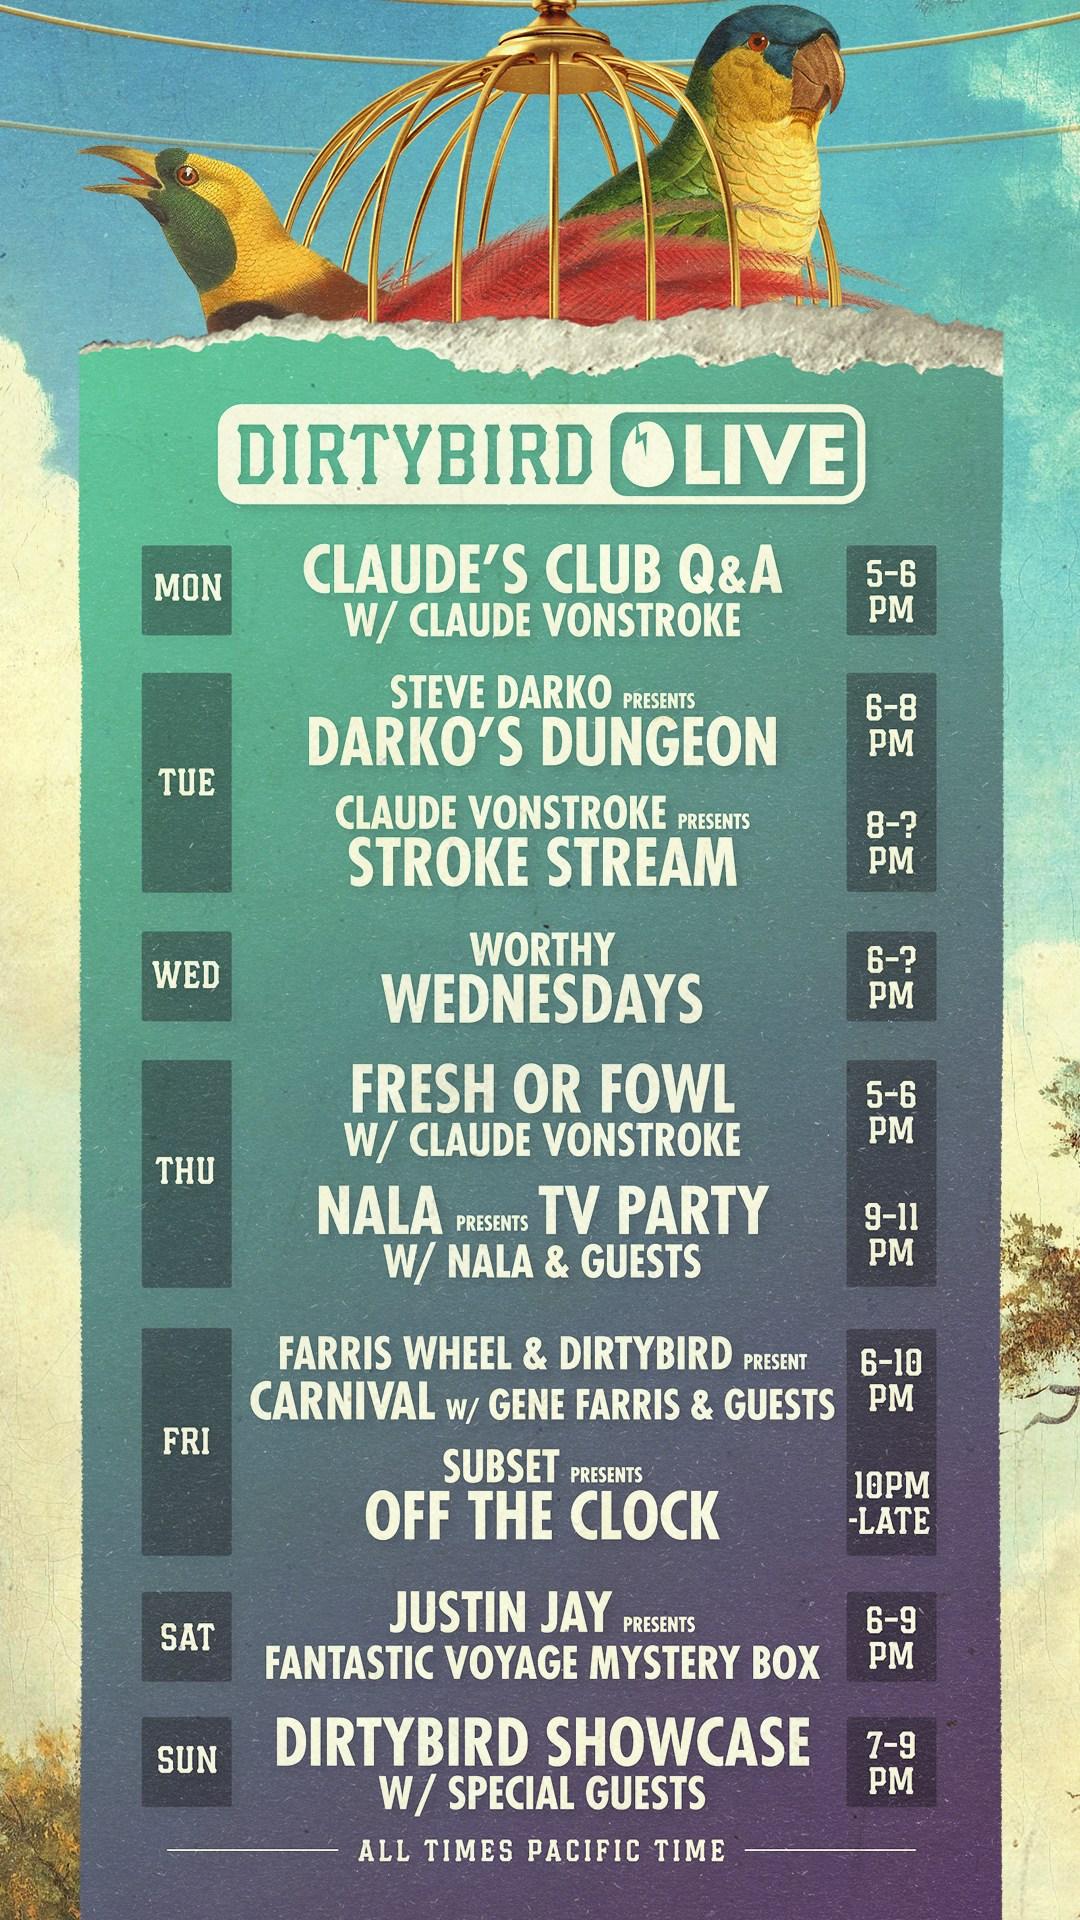 1.-Dirtybird-Live-Schedule-Poster-LAUNCH-WEEK-August-17-2020